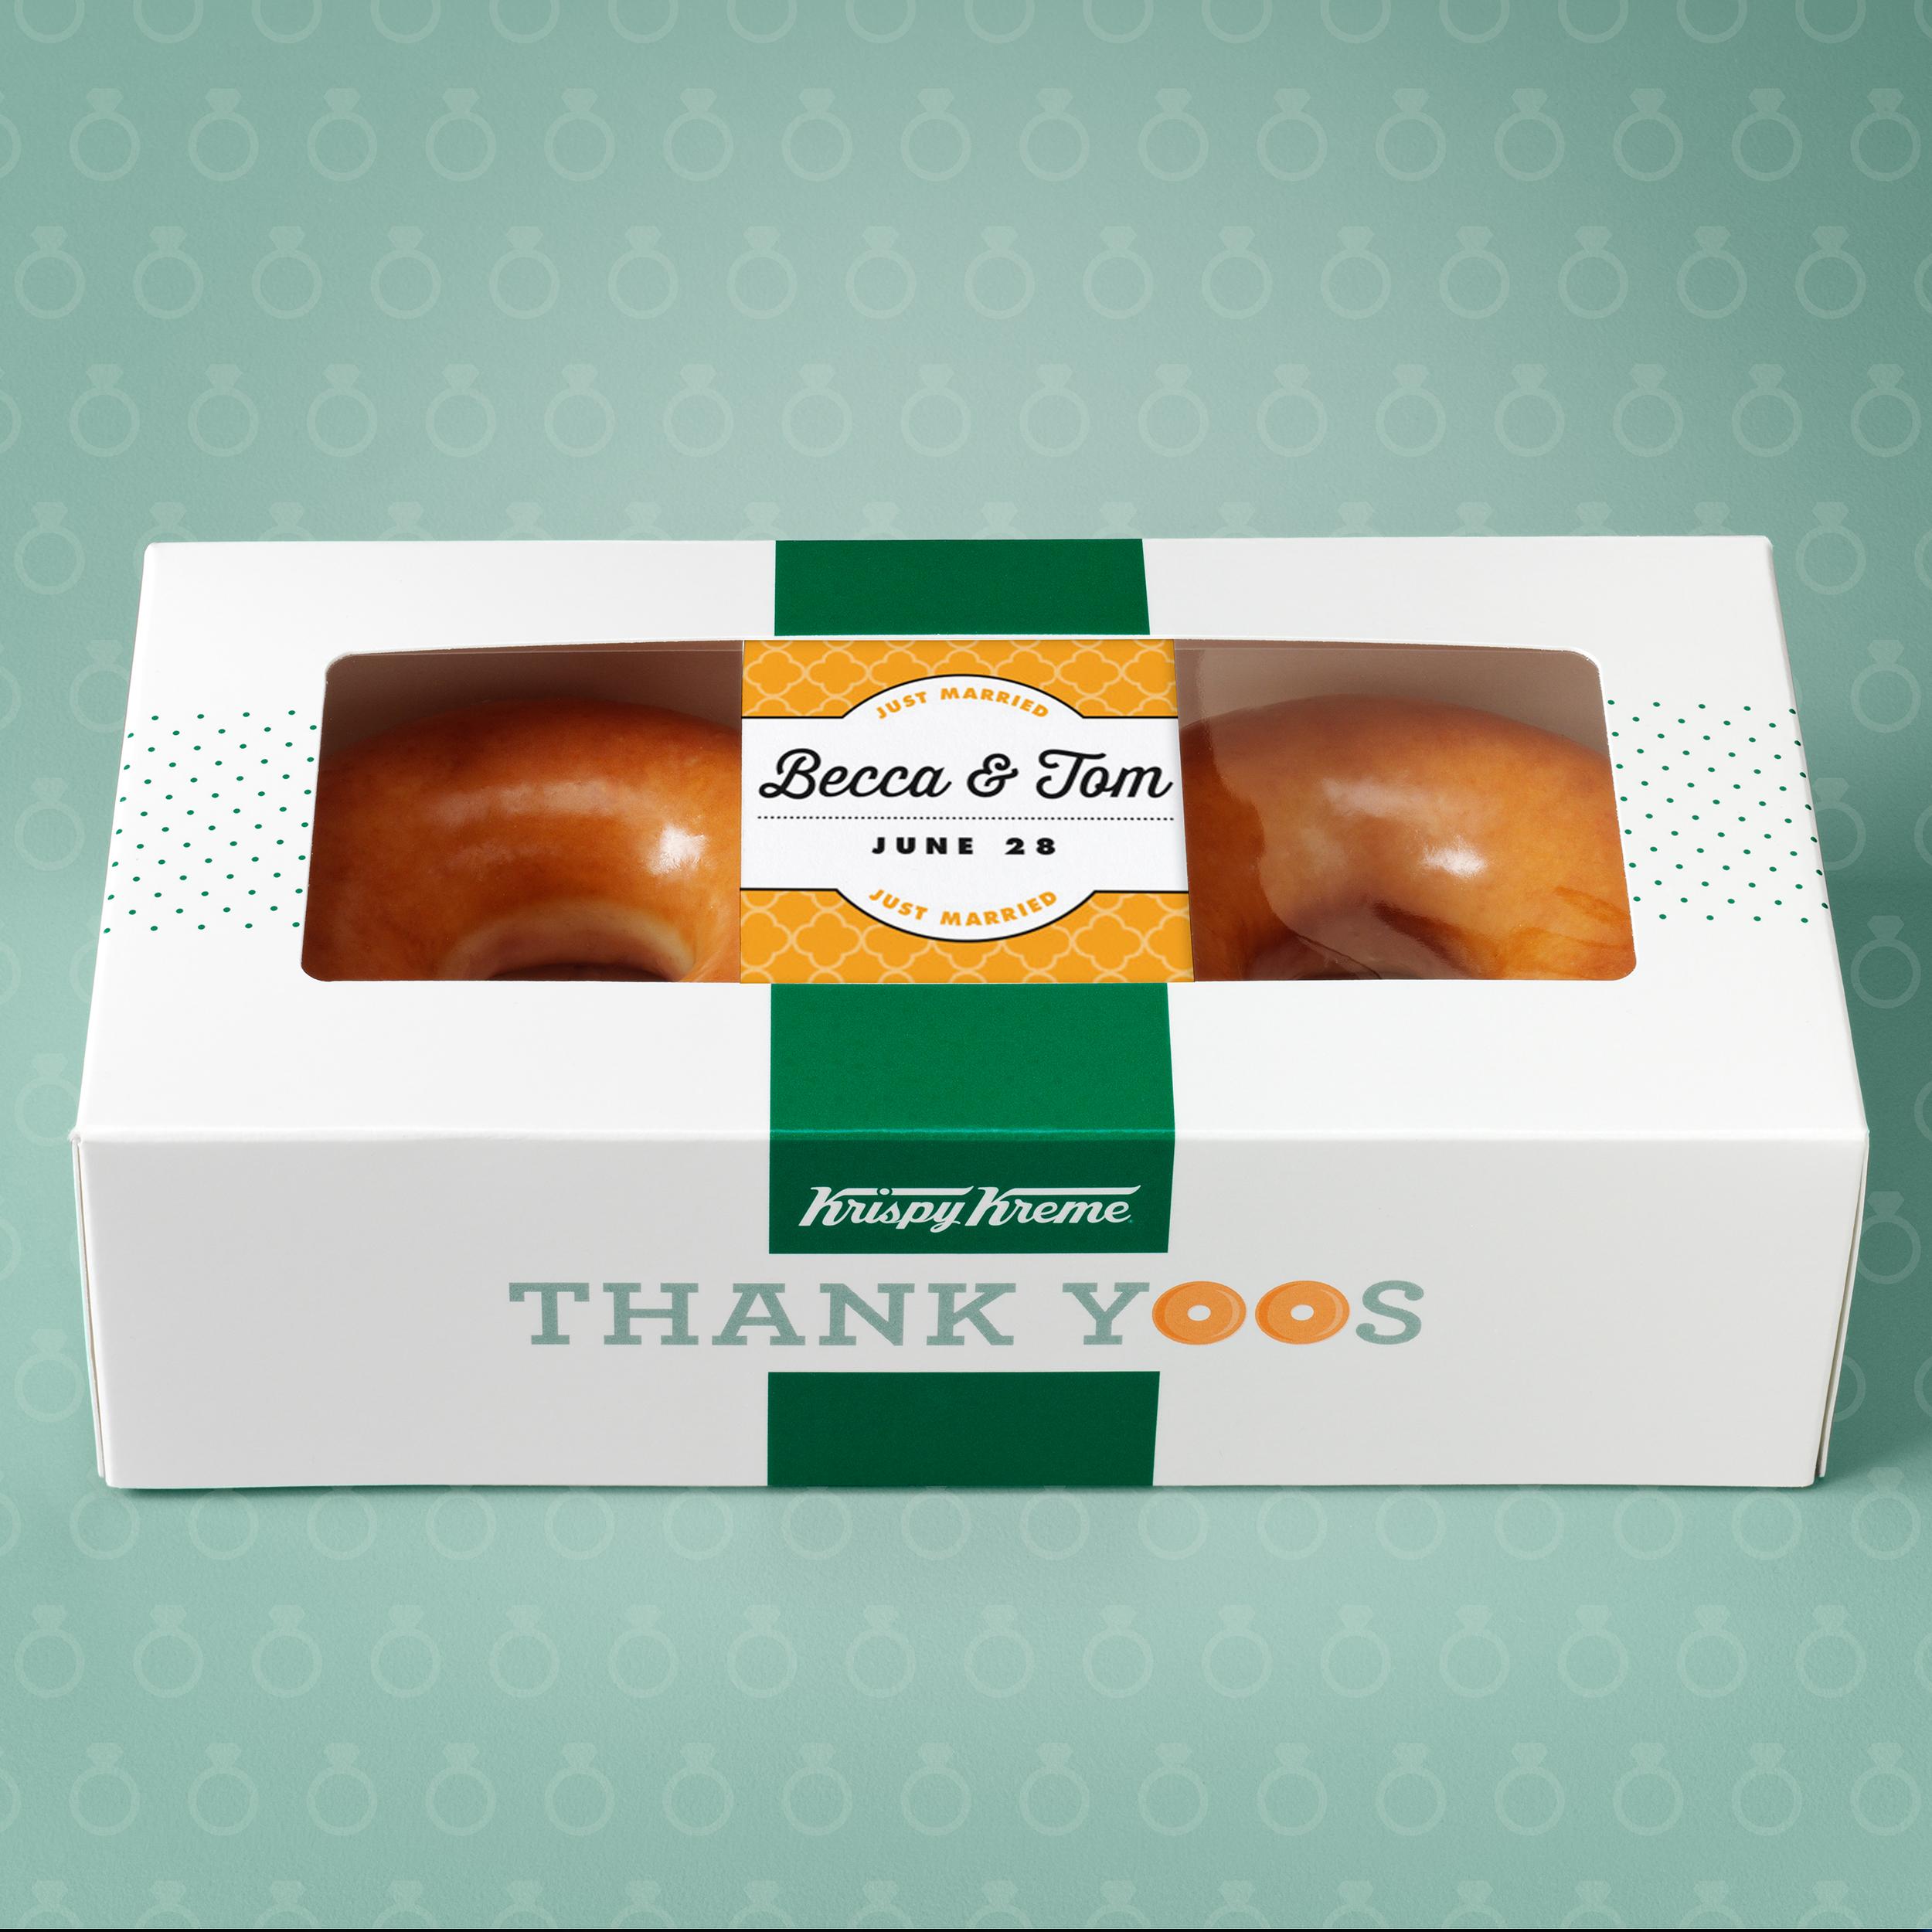 Krispy Kreme—Thank Yoos